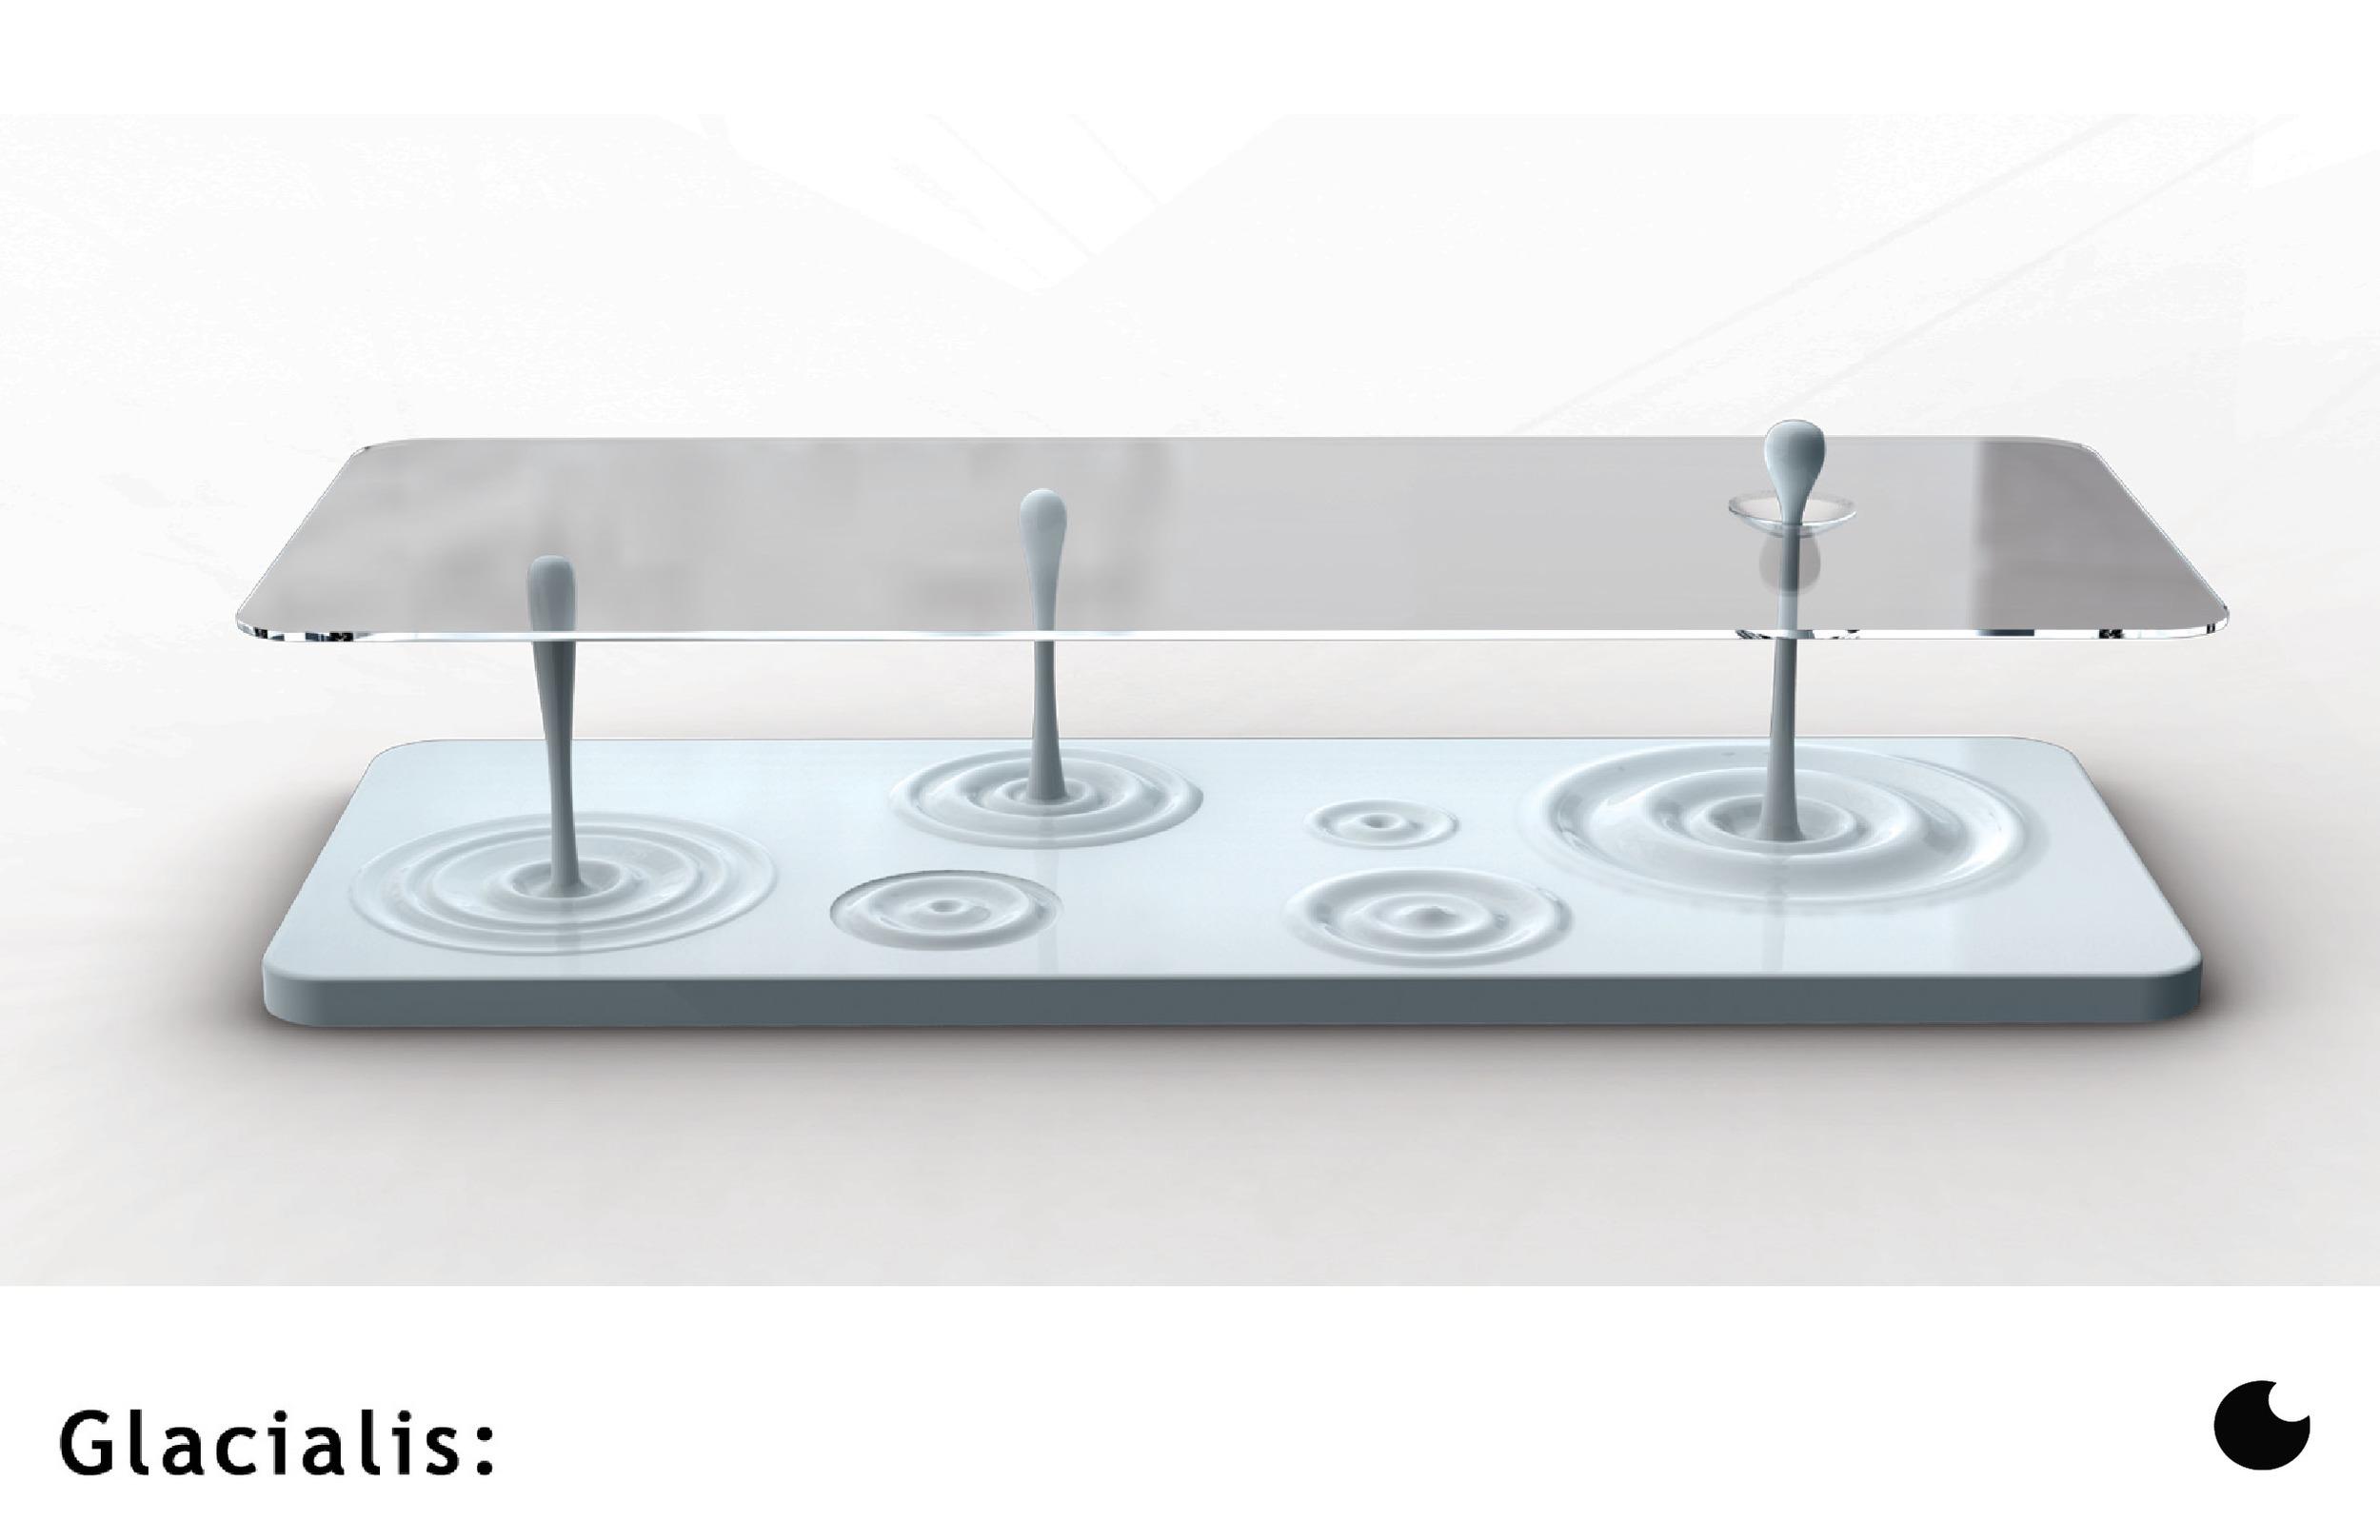 Glacialis Coffee Table by Sebastian Campos MOller